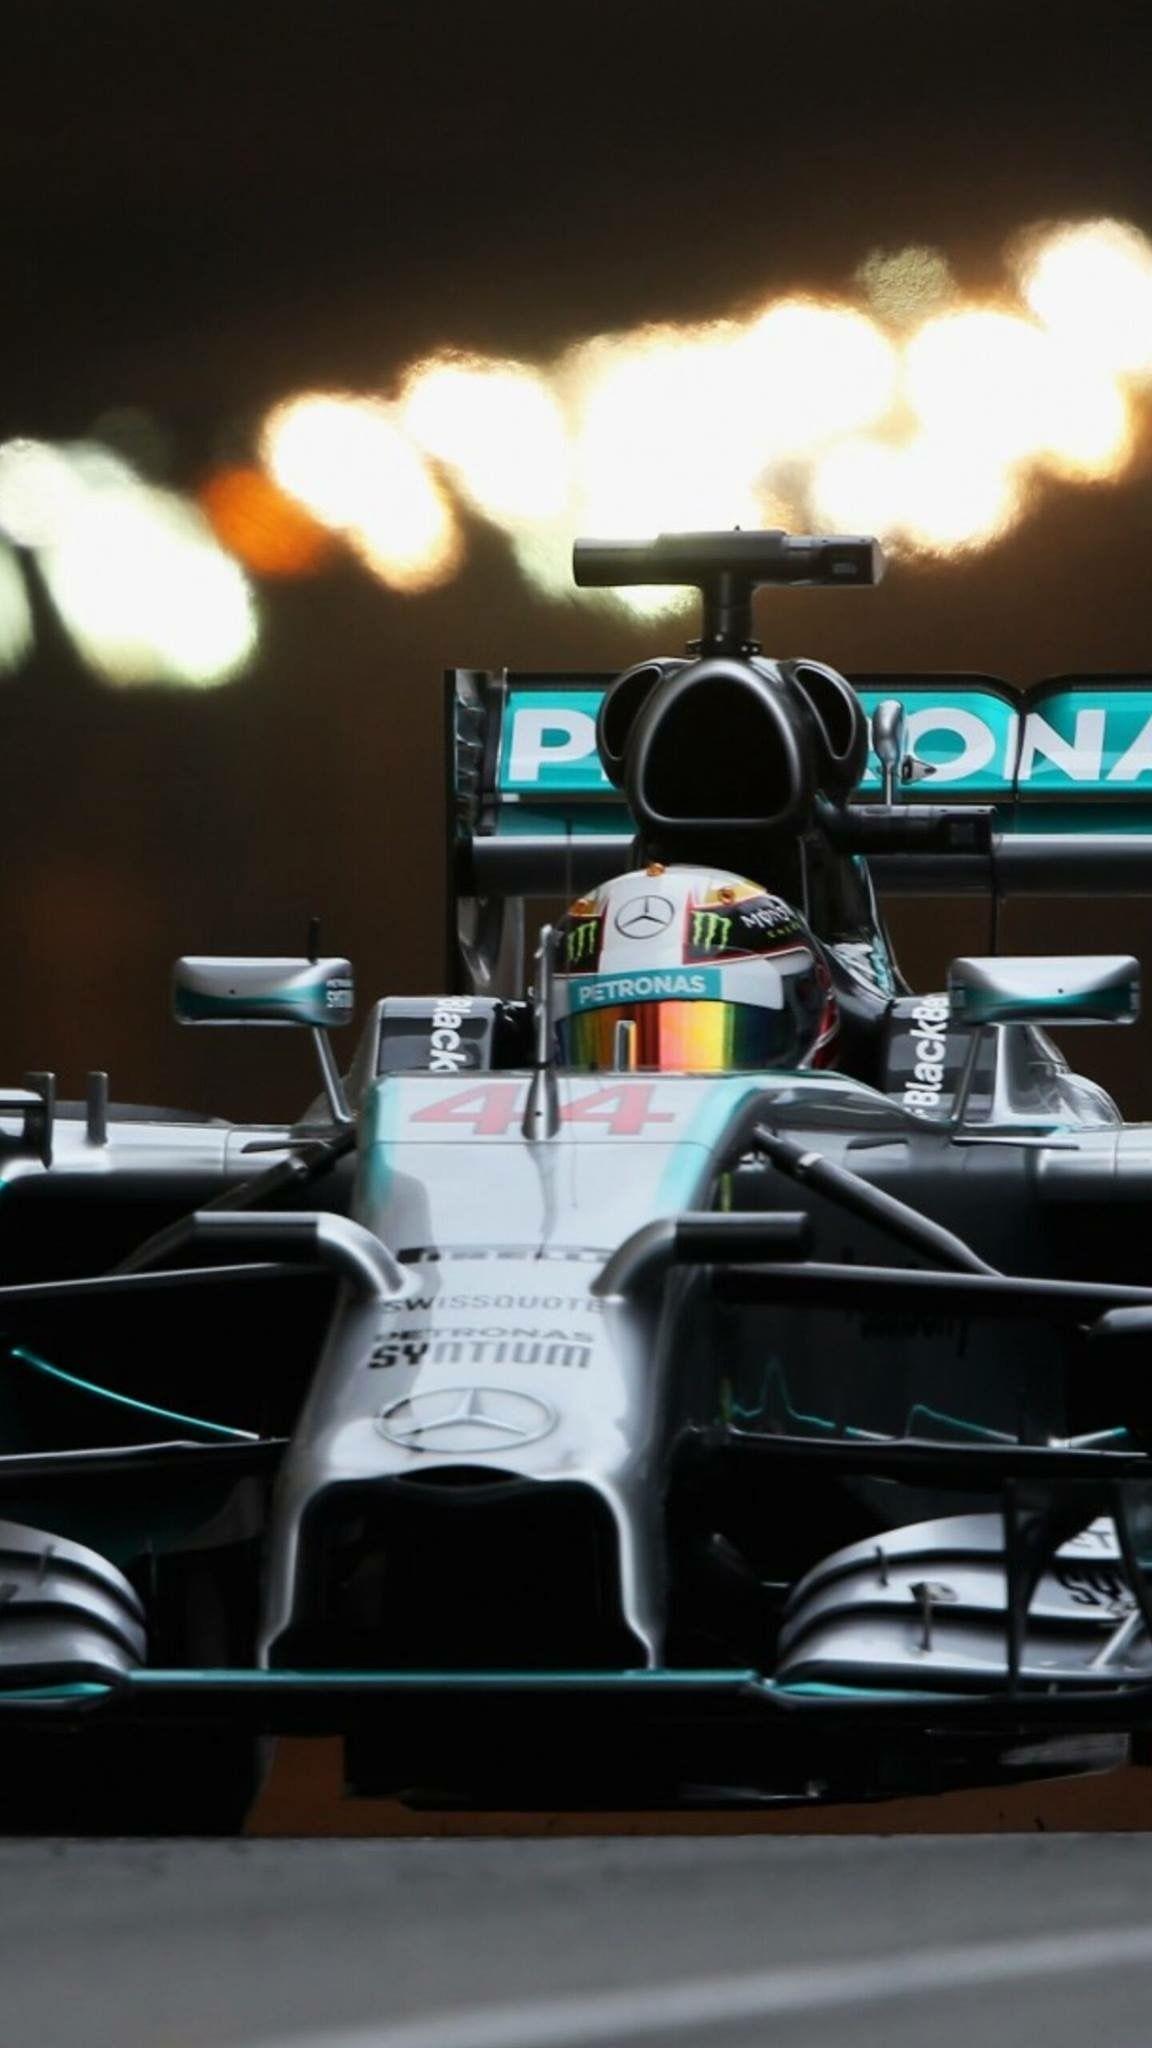 Pin by Kev Wilson on F1 Formula 1 car, Mercedes petronas